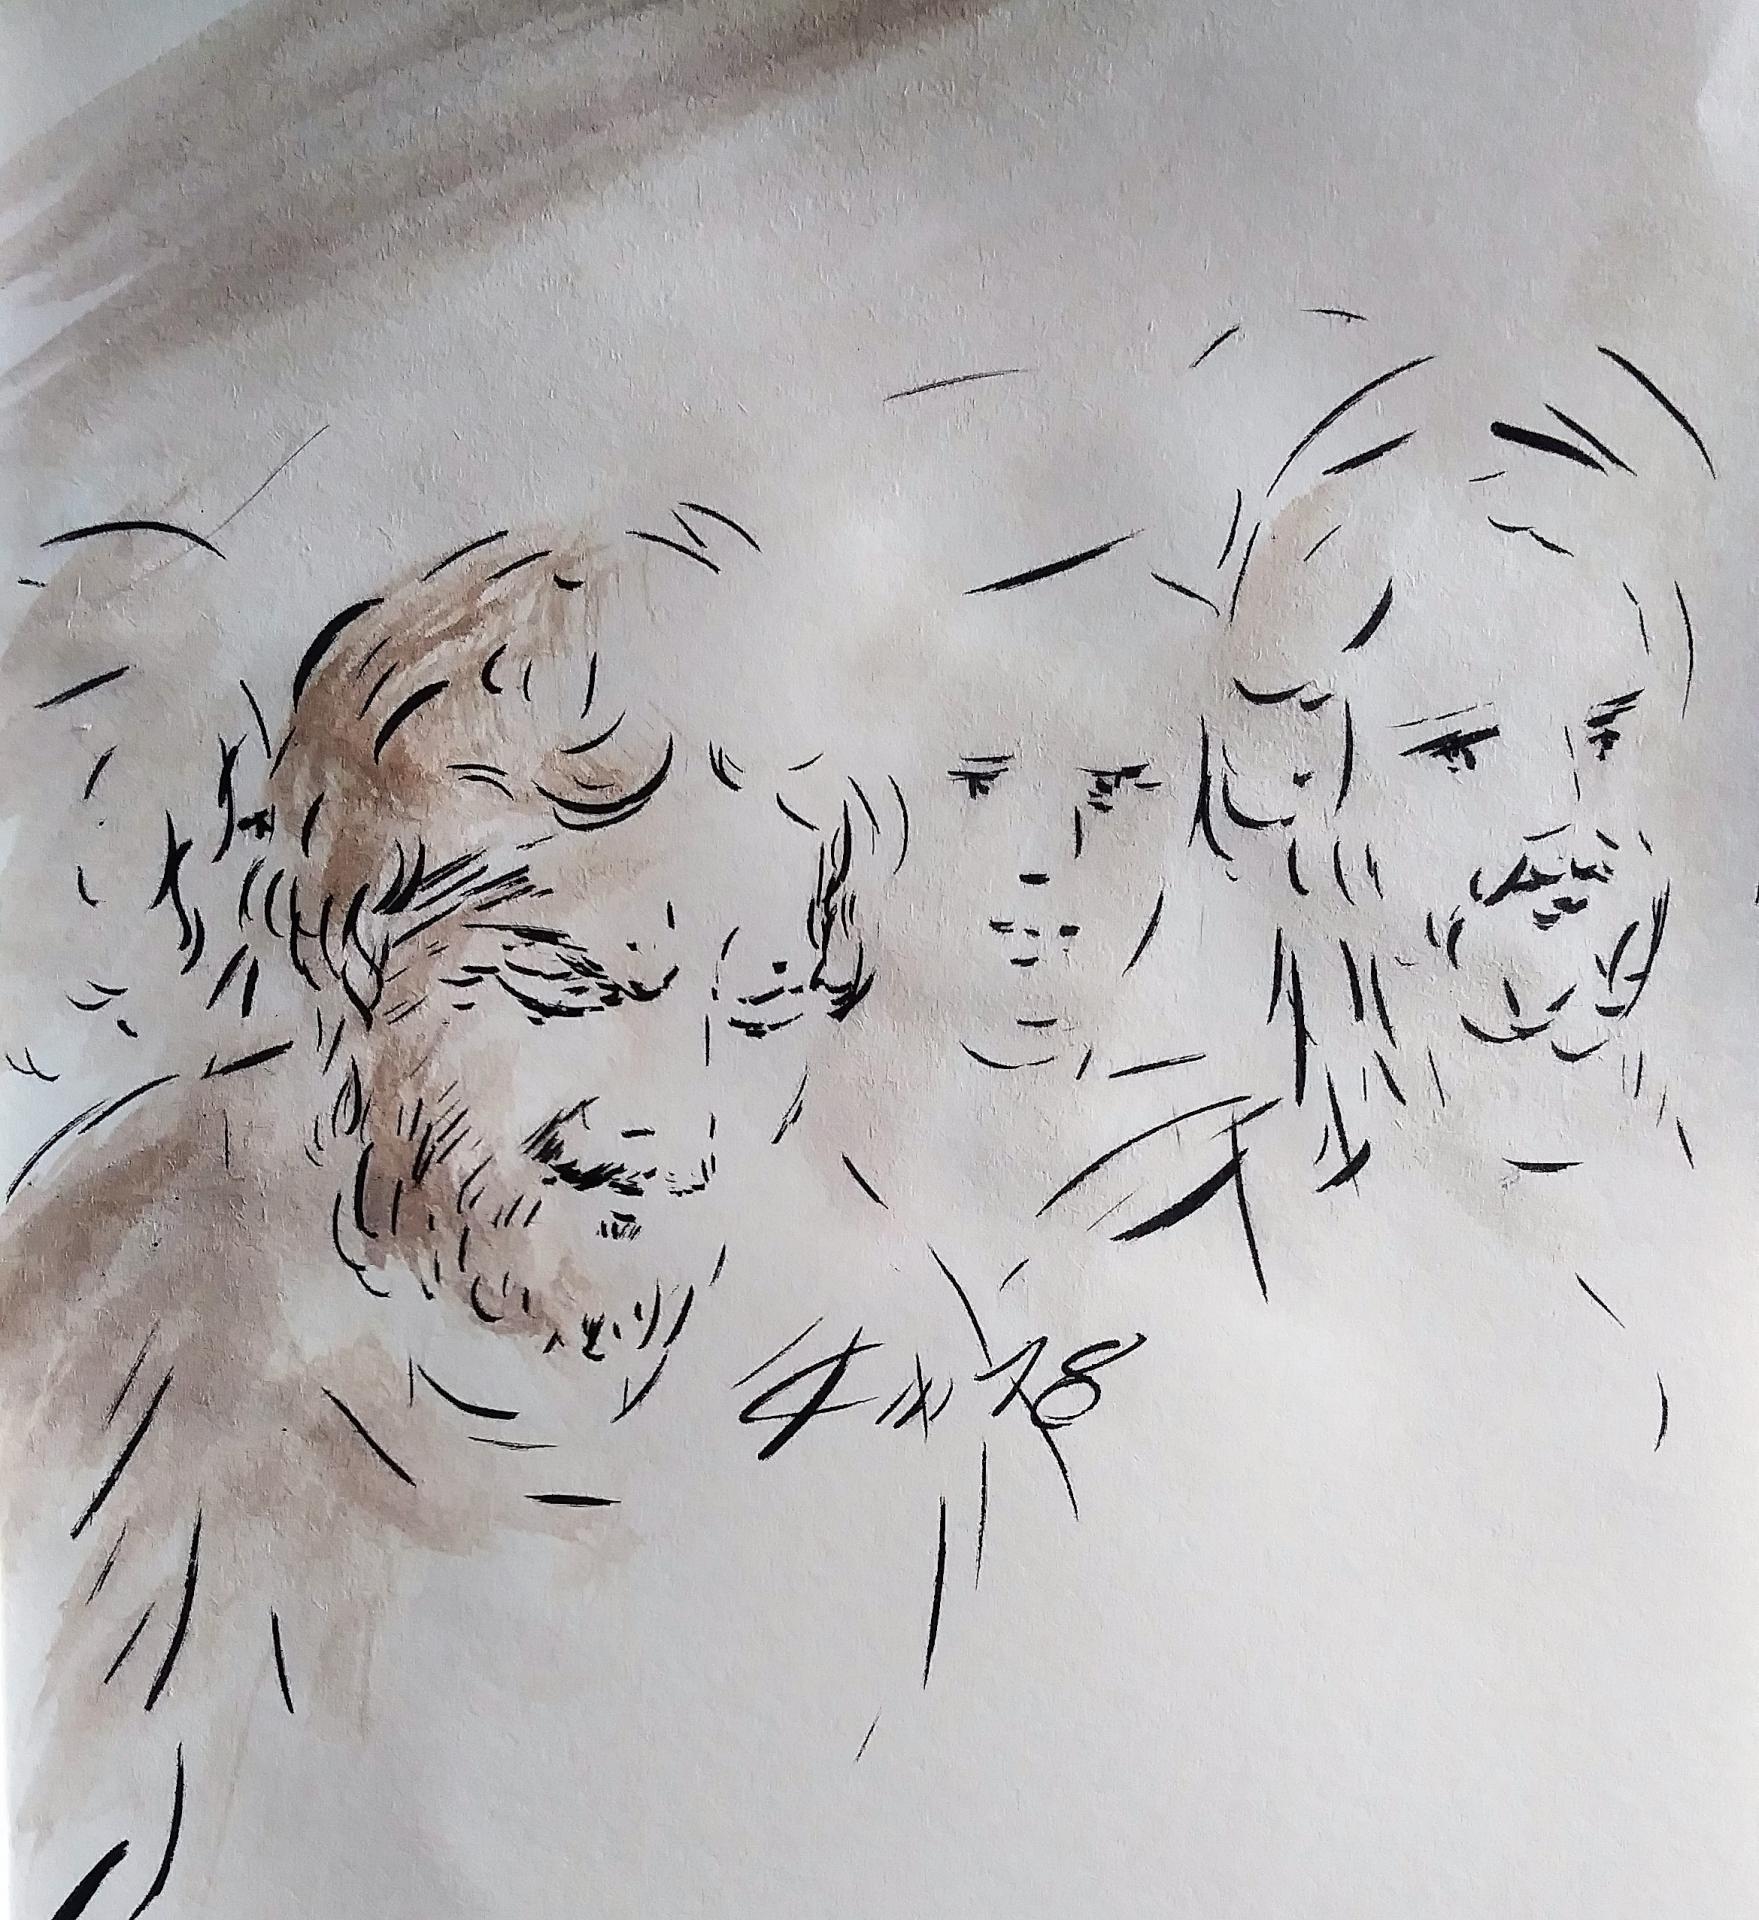 21 Mai 2018, évangile du jour illustré par un dessin au lavis